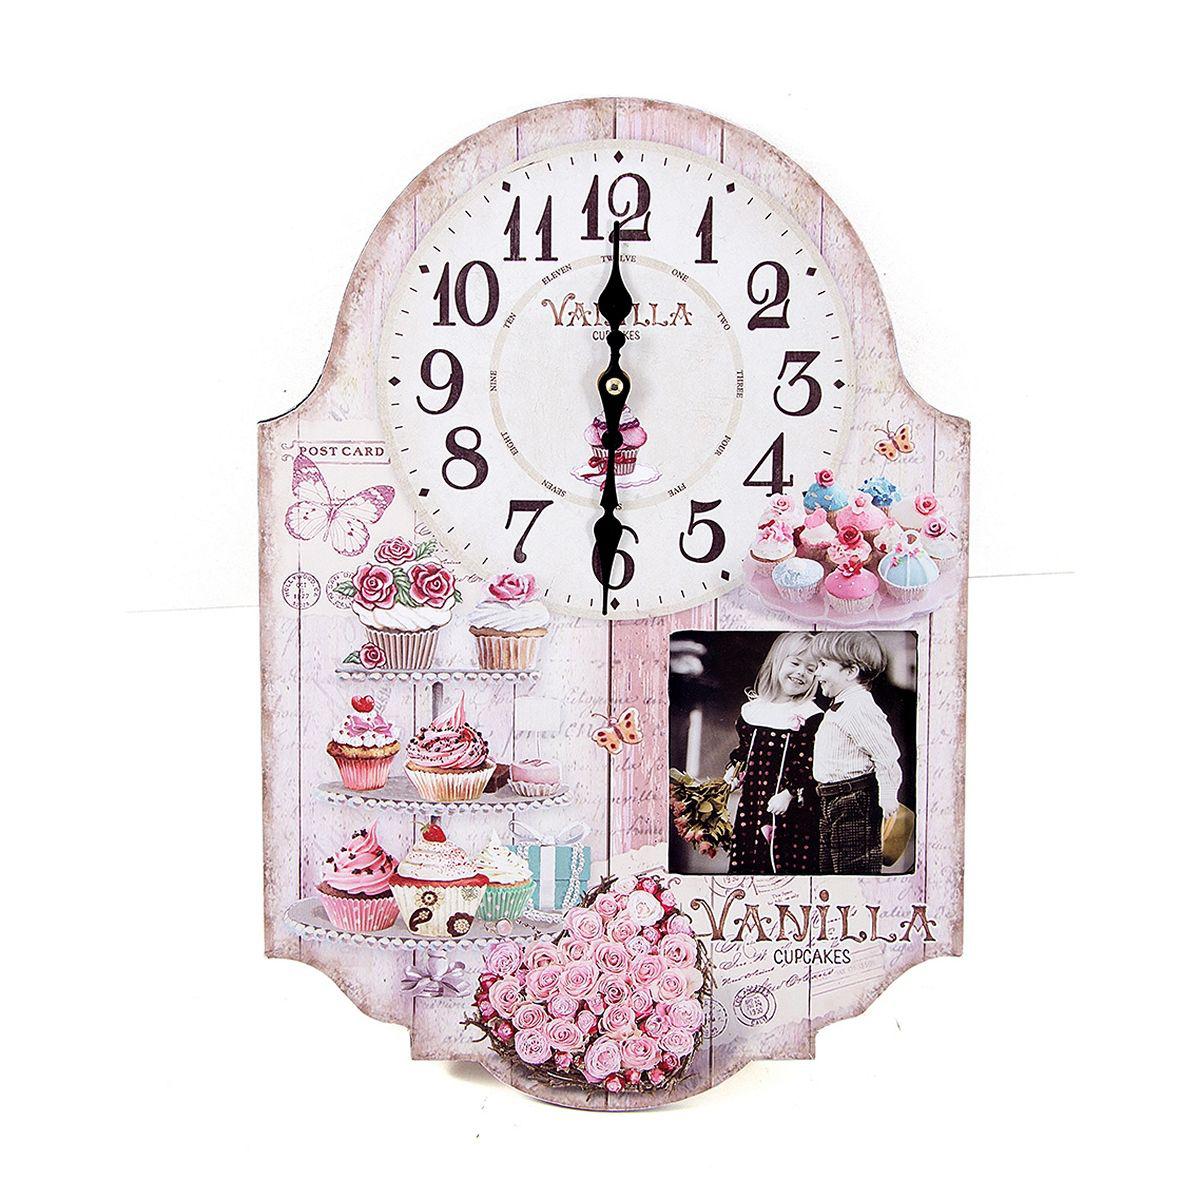 Часы настенные Русские Подарки, 29 х 5 х 42 см. 2963694672Настенные кварцевые часы Русские Подарки изготовлены из МДФ. Корпус оформлен изображением цветов и пирожных, а также украшен вставкой с изображением детей. Часы имеют две стрелки - часовую и минутную. С обратной стороны имеетсяпетелька для подвешивания на стену.Изящные часы красиво и оригинально оформят интерьер дома или офиса.Часы работают от батареек типа АА (в комплект не входят).